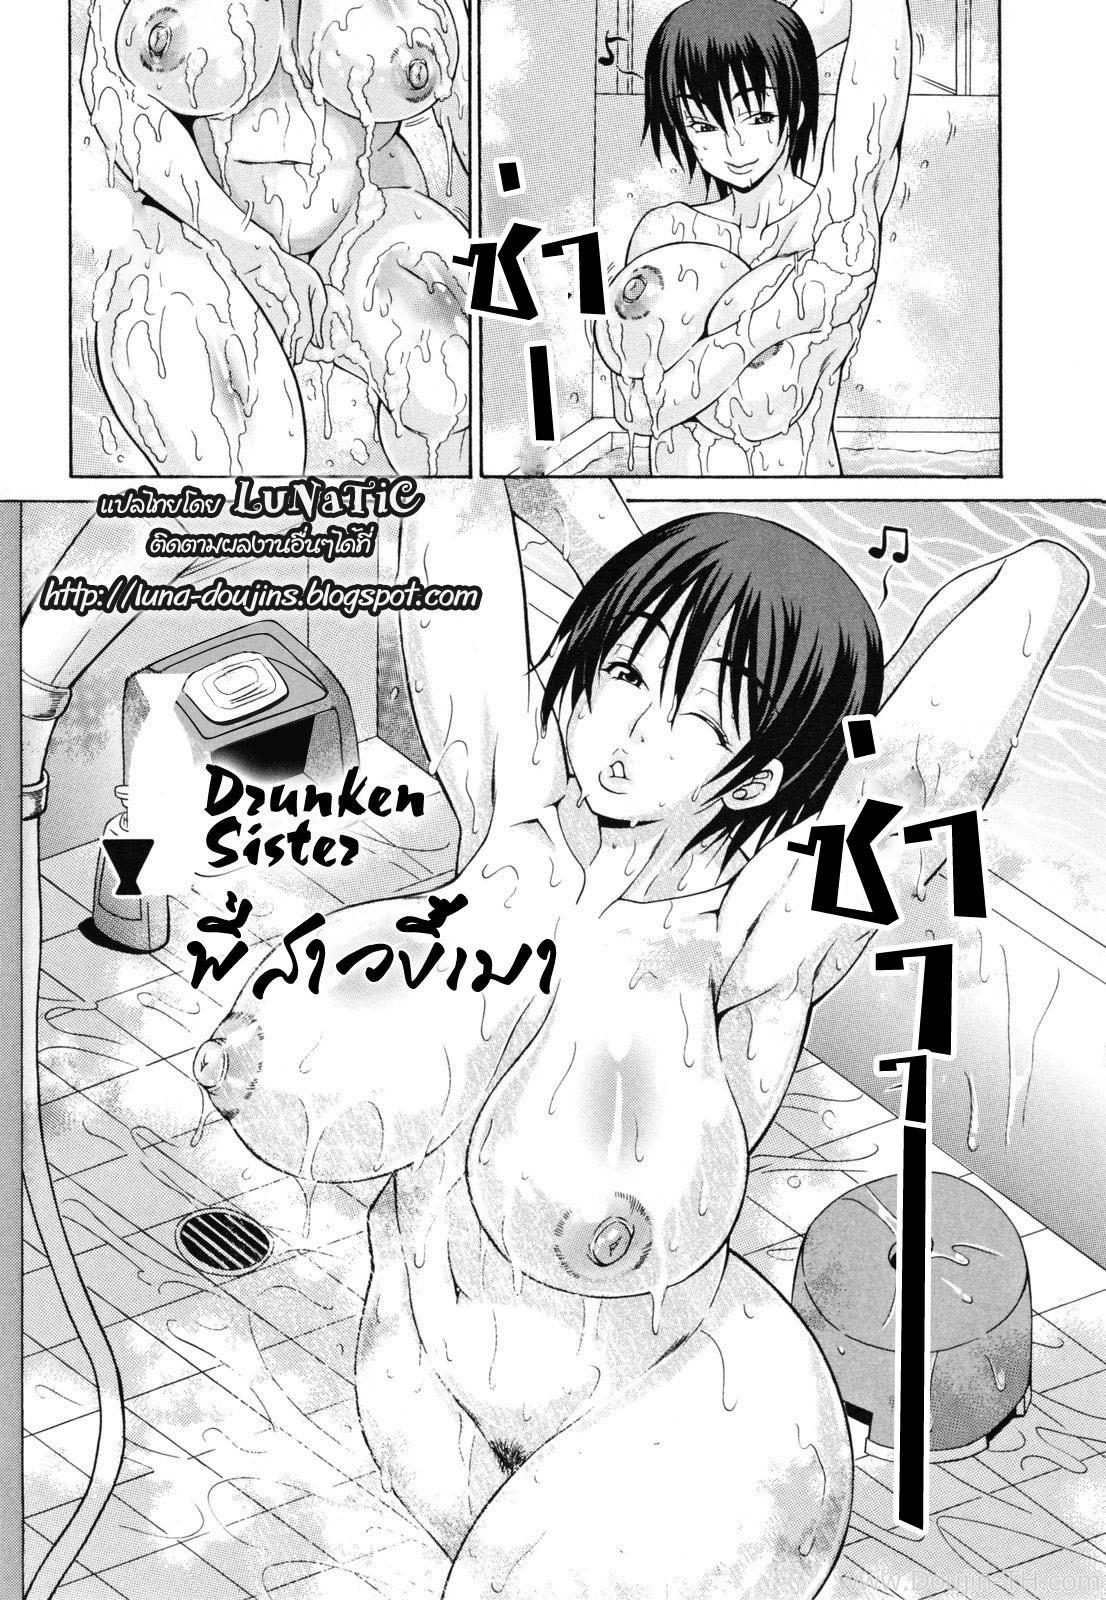 พี่สาวขี้เมา - หน้า 1